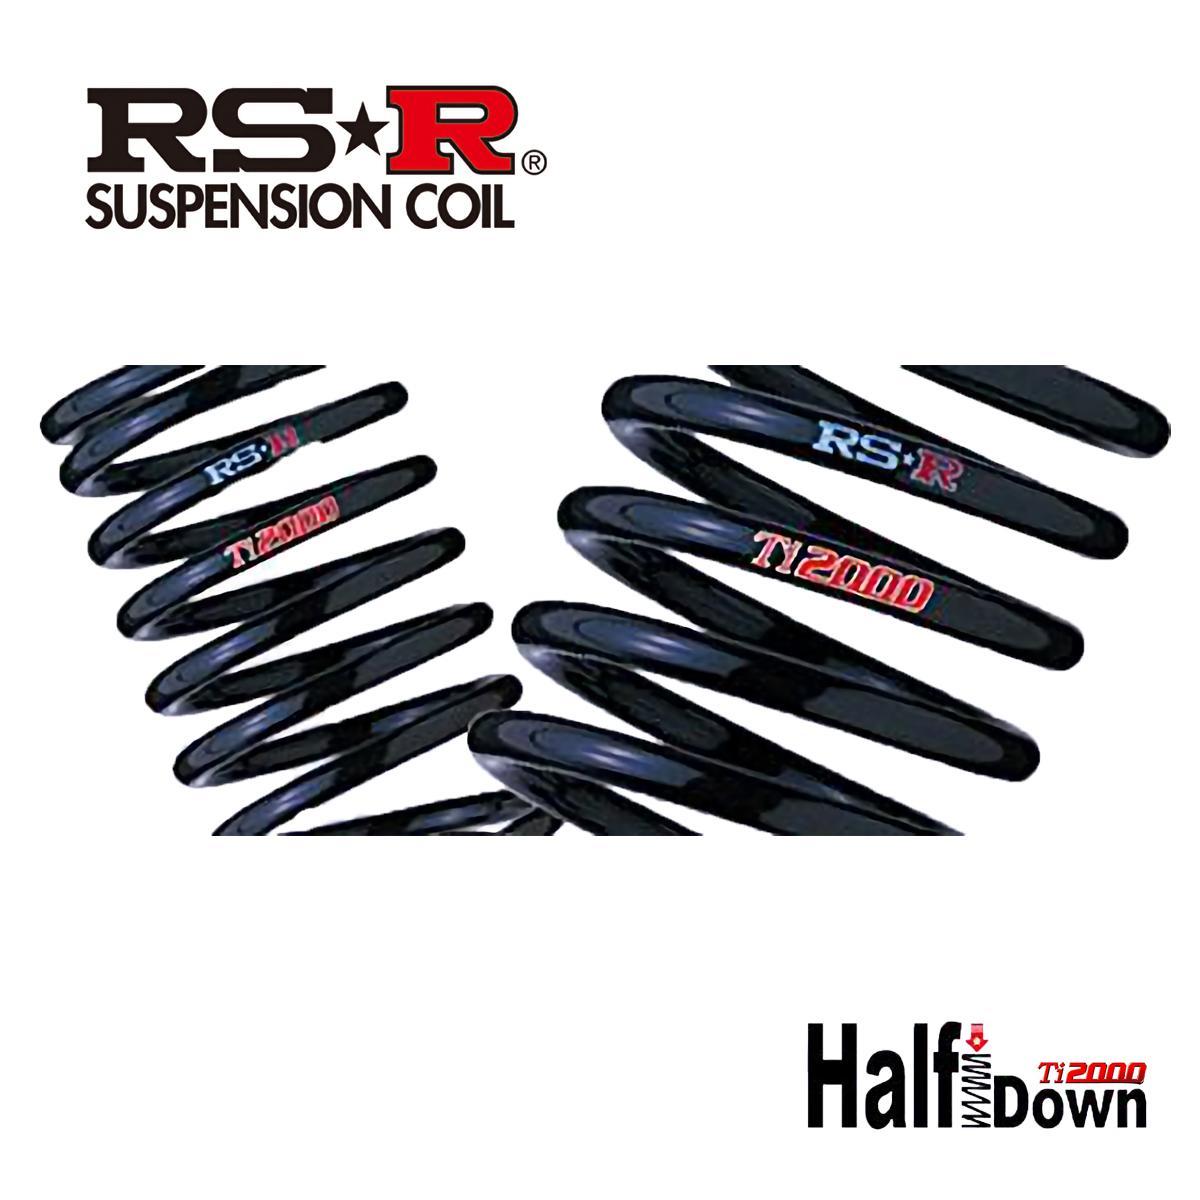 RS-R クロスビー ハイブリッドMZ MN71S ダウンサス スプリング フロント S402THDF Ti2000 ハーフダウン RSR 個人宅発送追金有